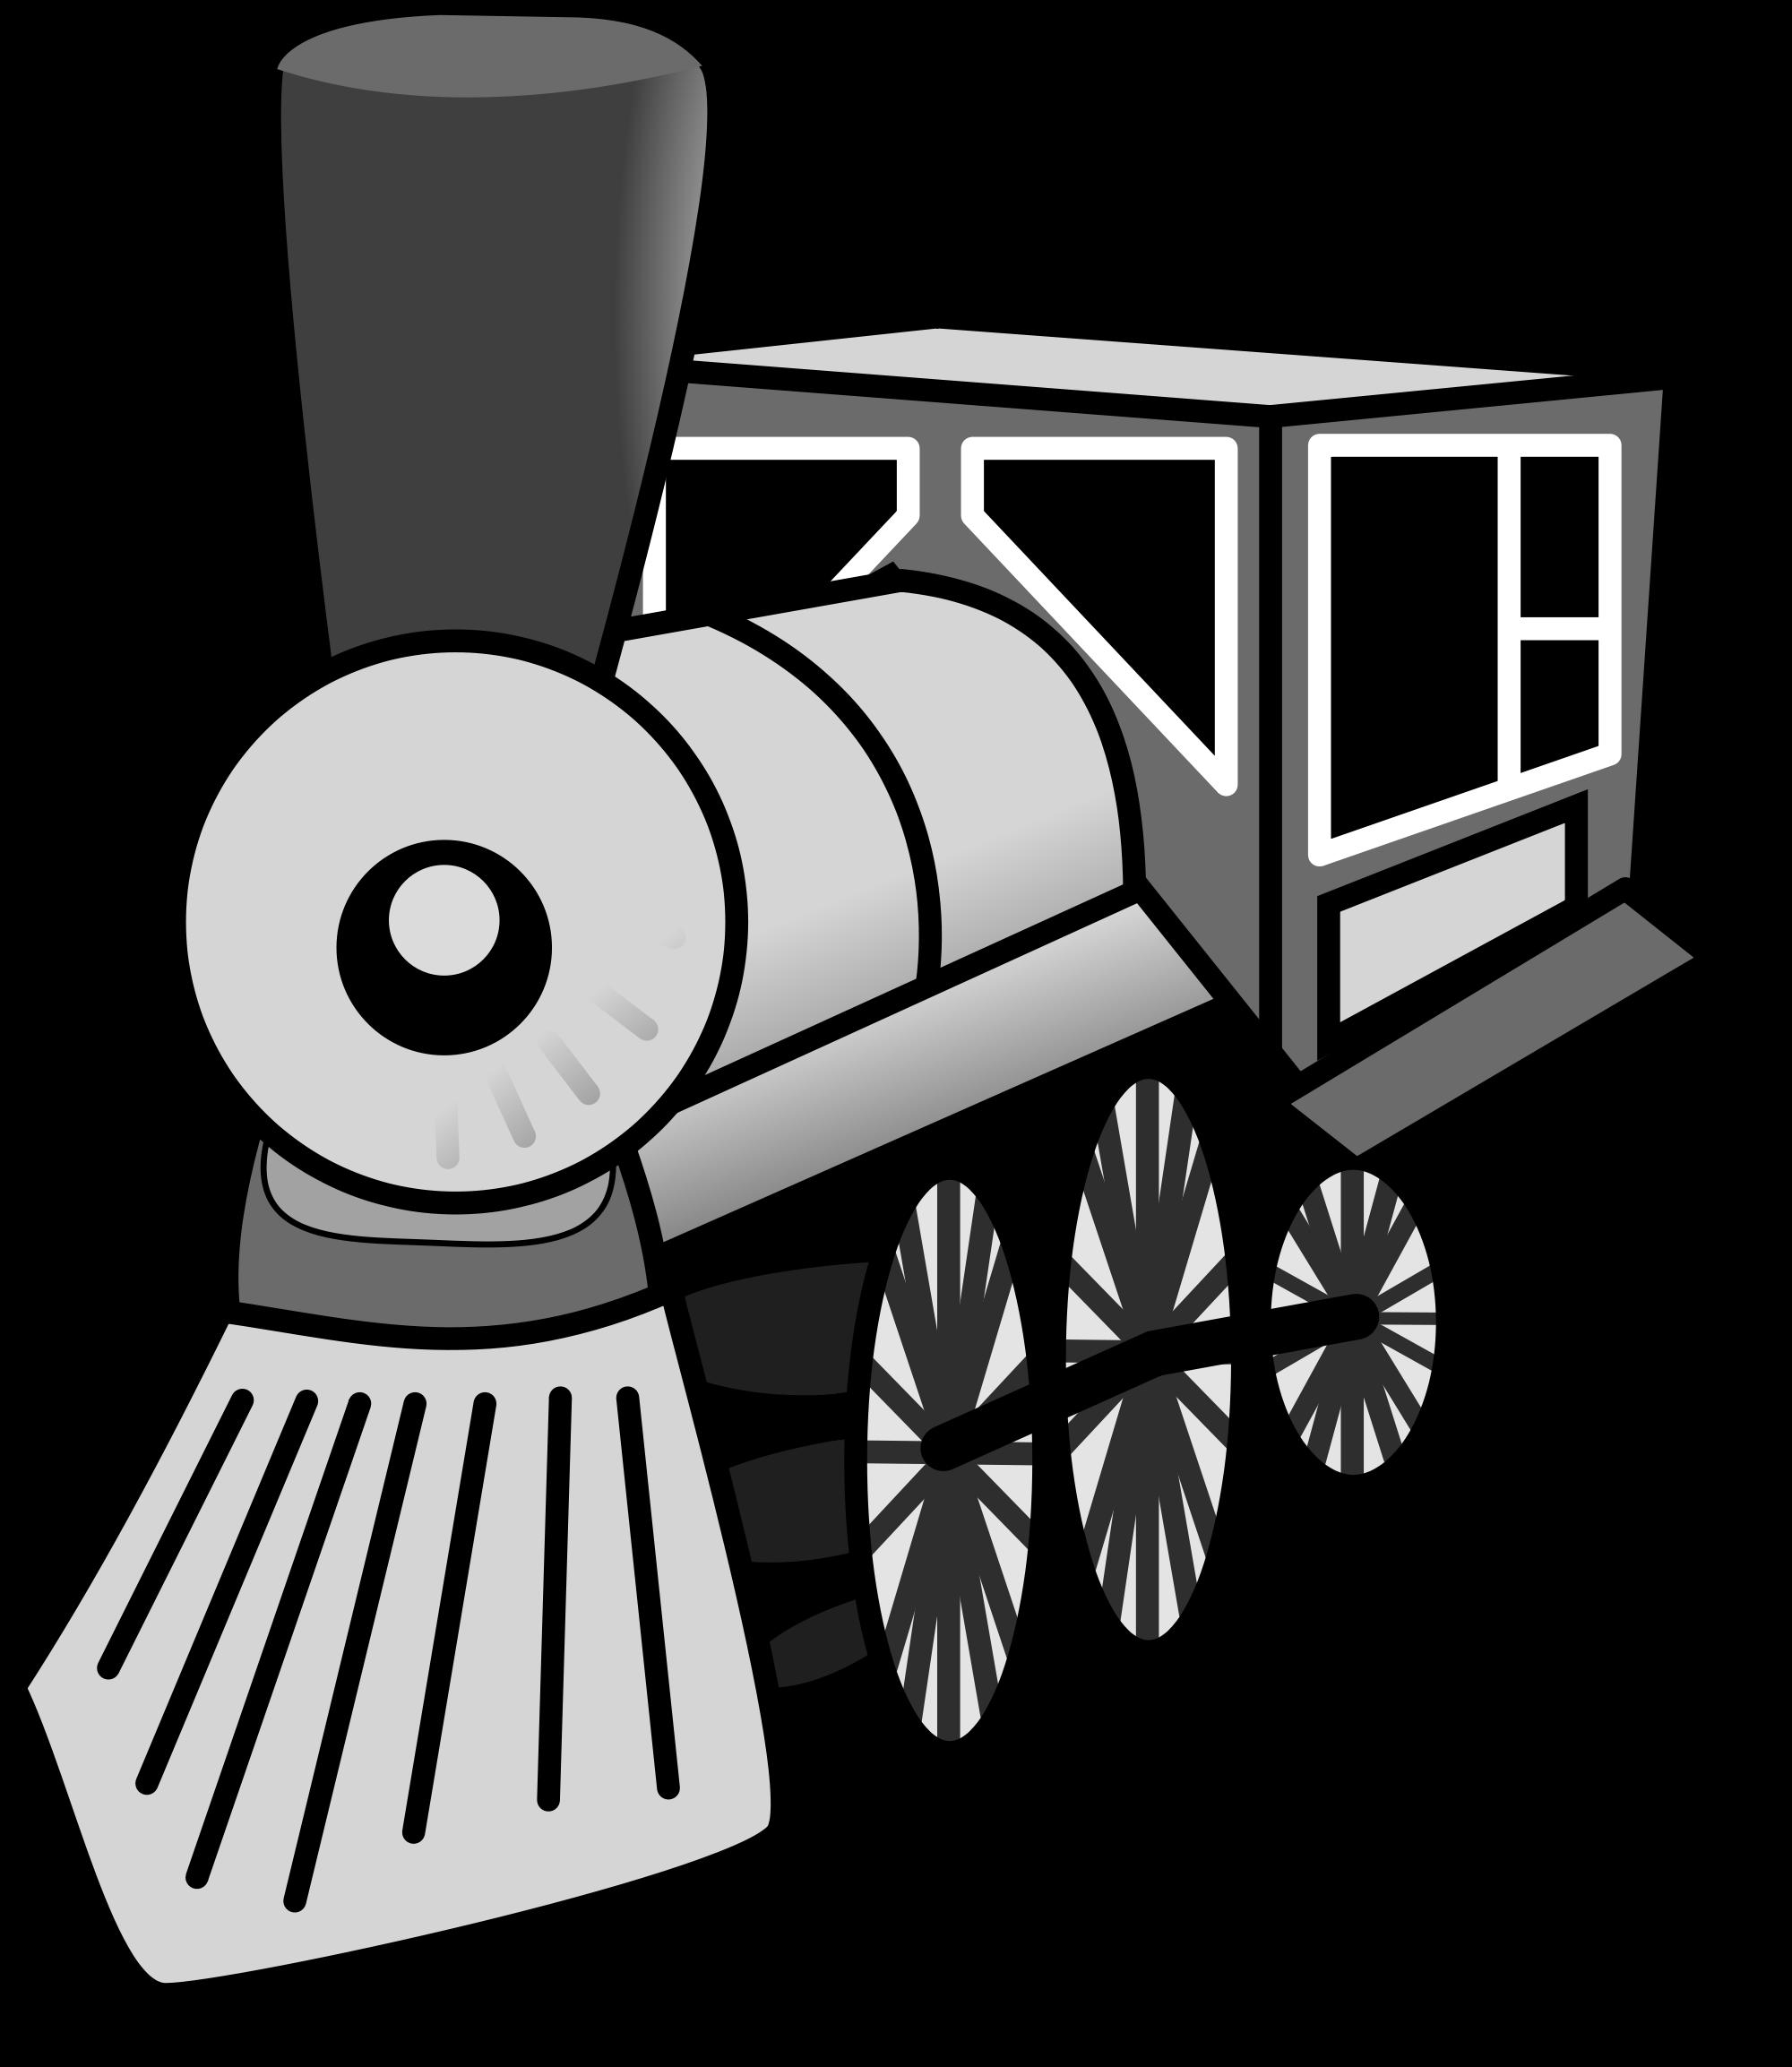 File:Train icon.svg.